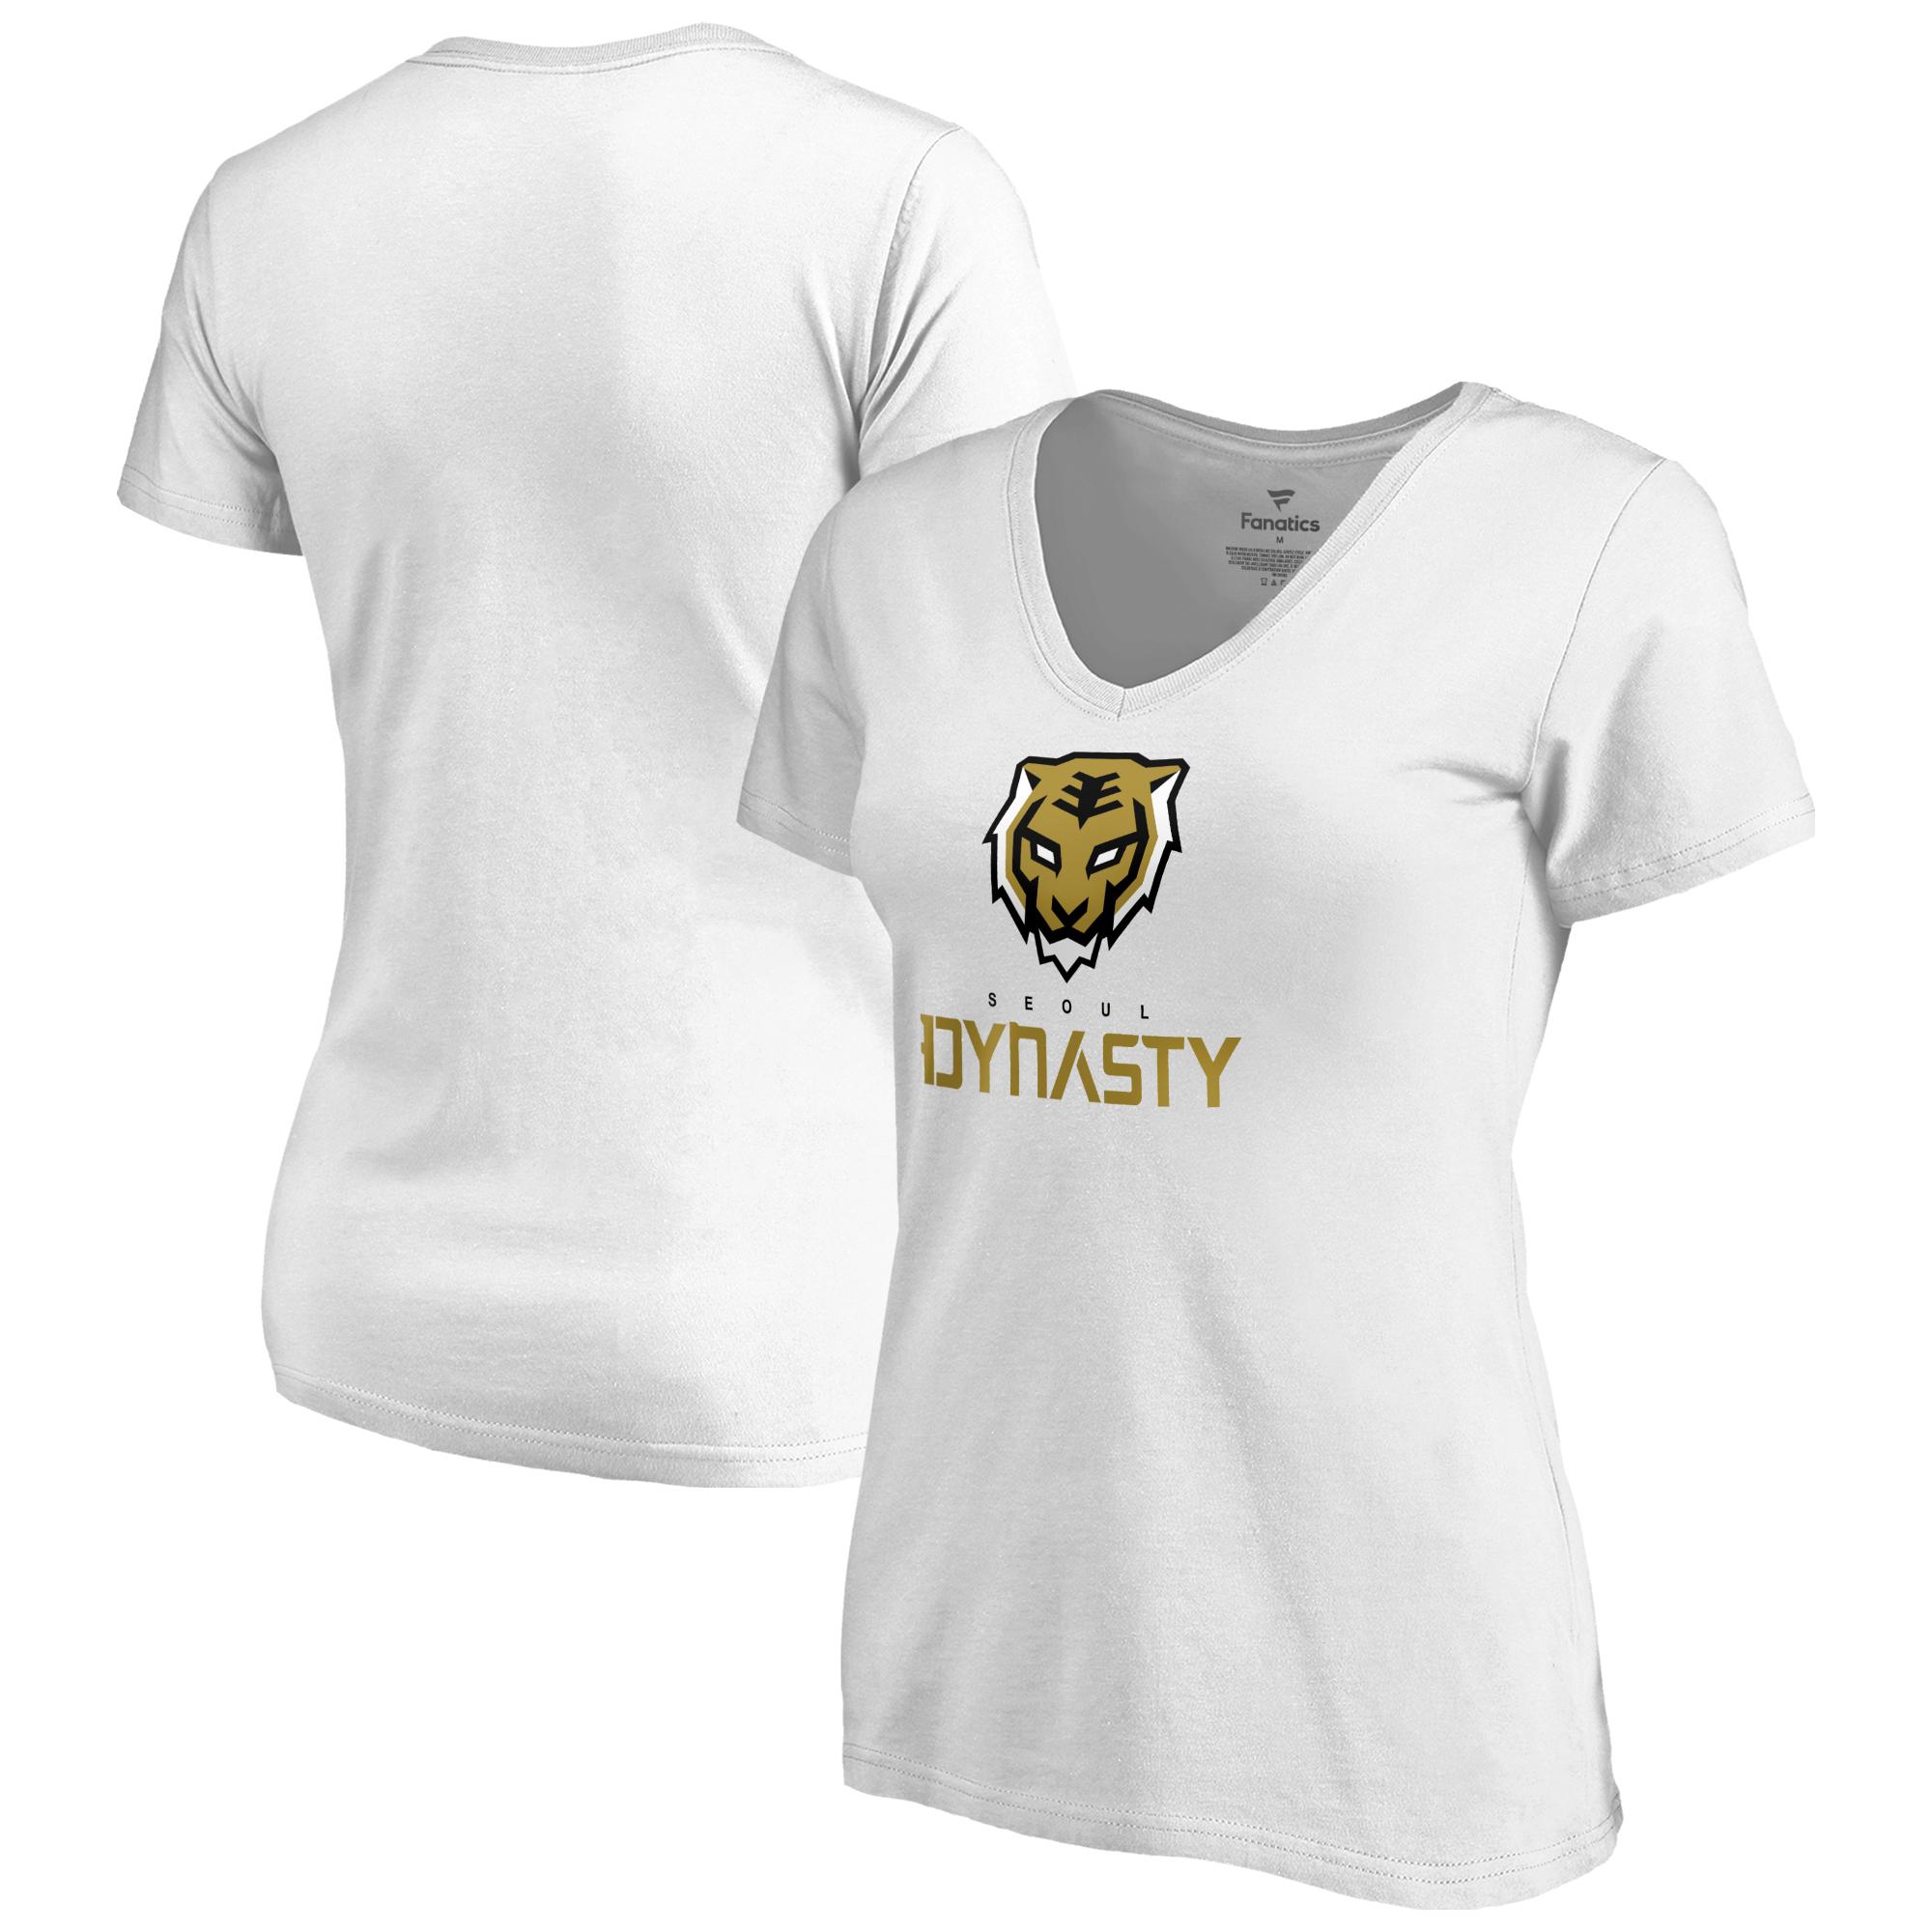 Seoul Dynasty Fanatics Branded Women's Team Identity V-Neck T-Shirt - White